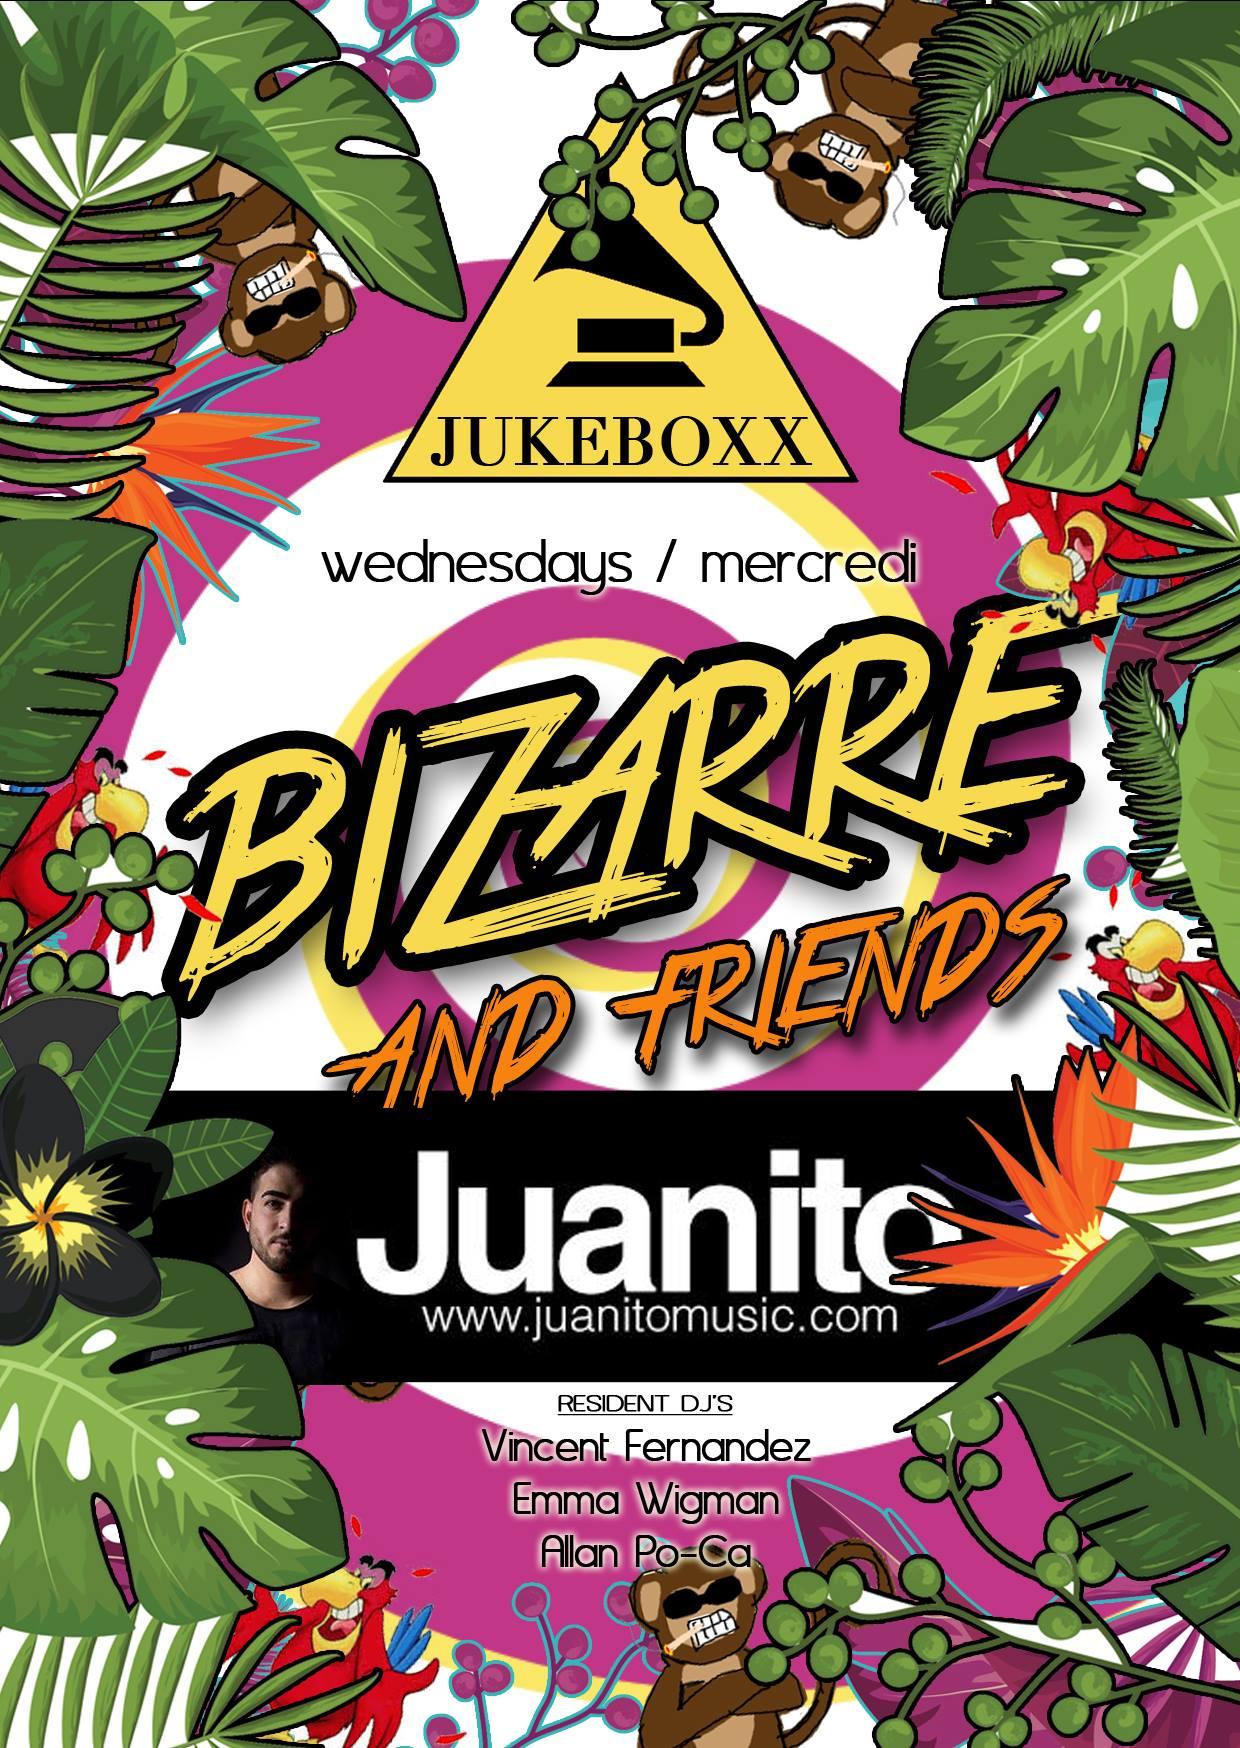 Juanito Bizarre Jukeboxx Les 2 Alpes